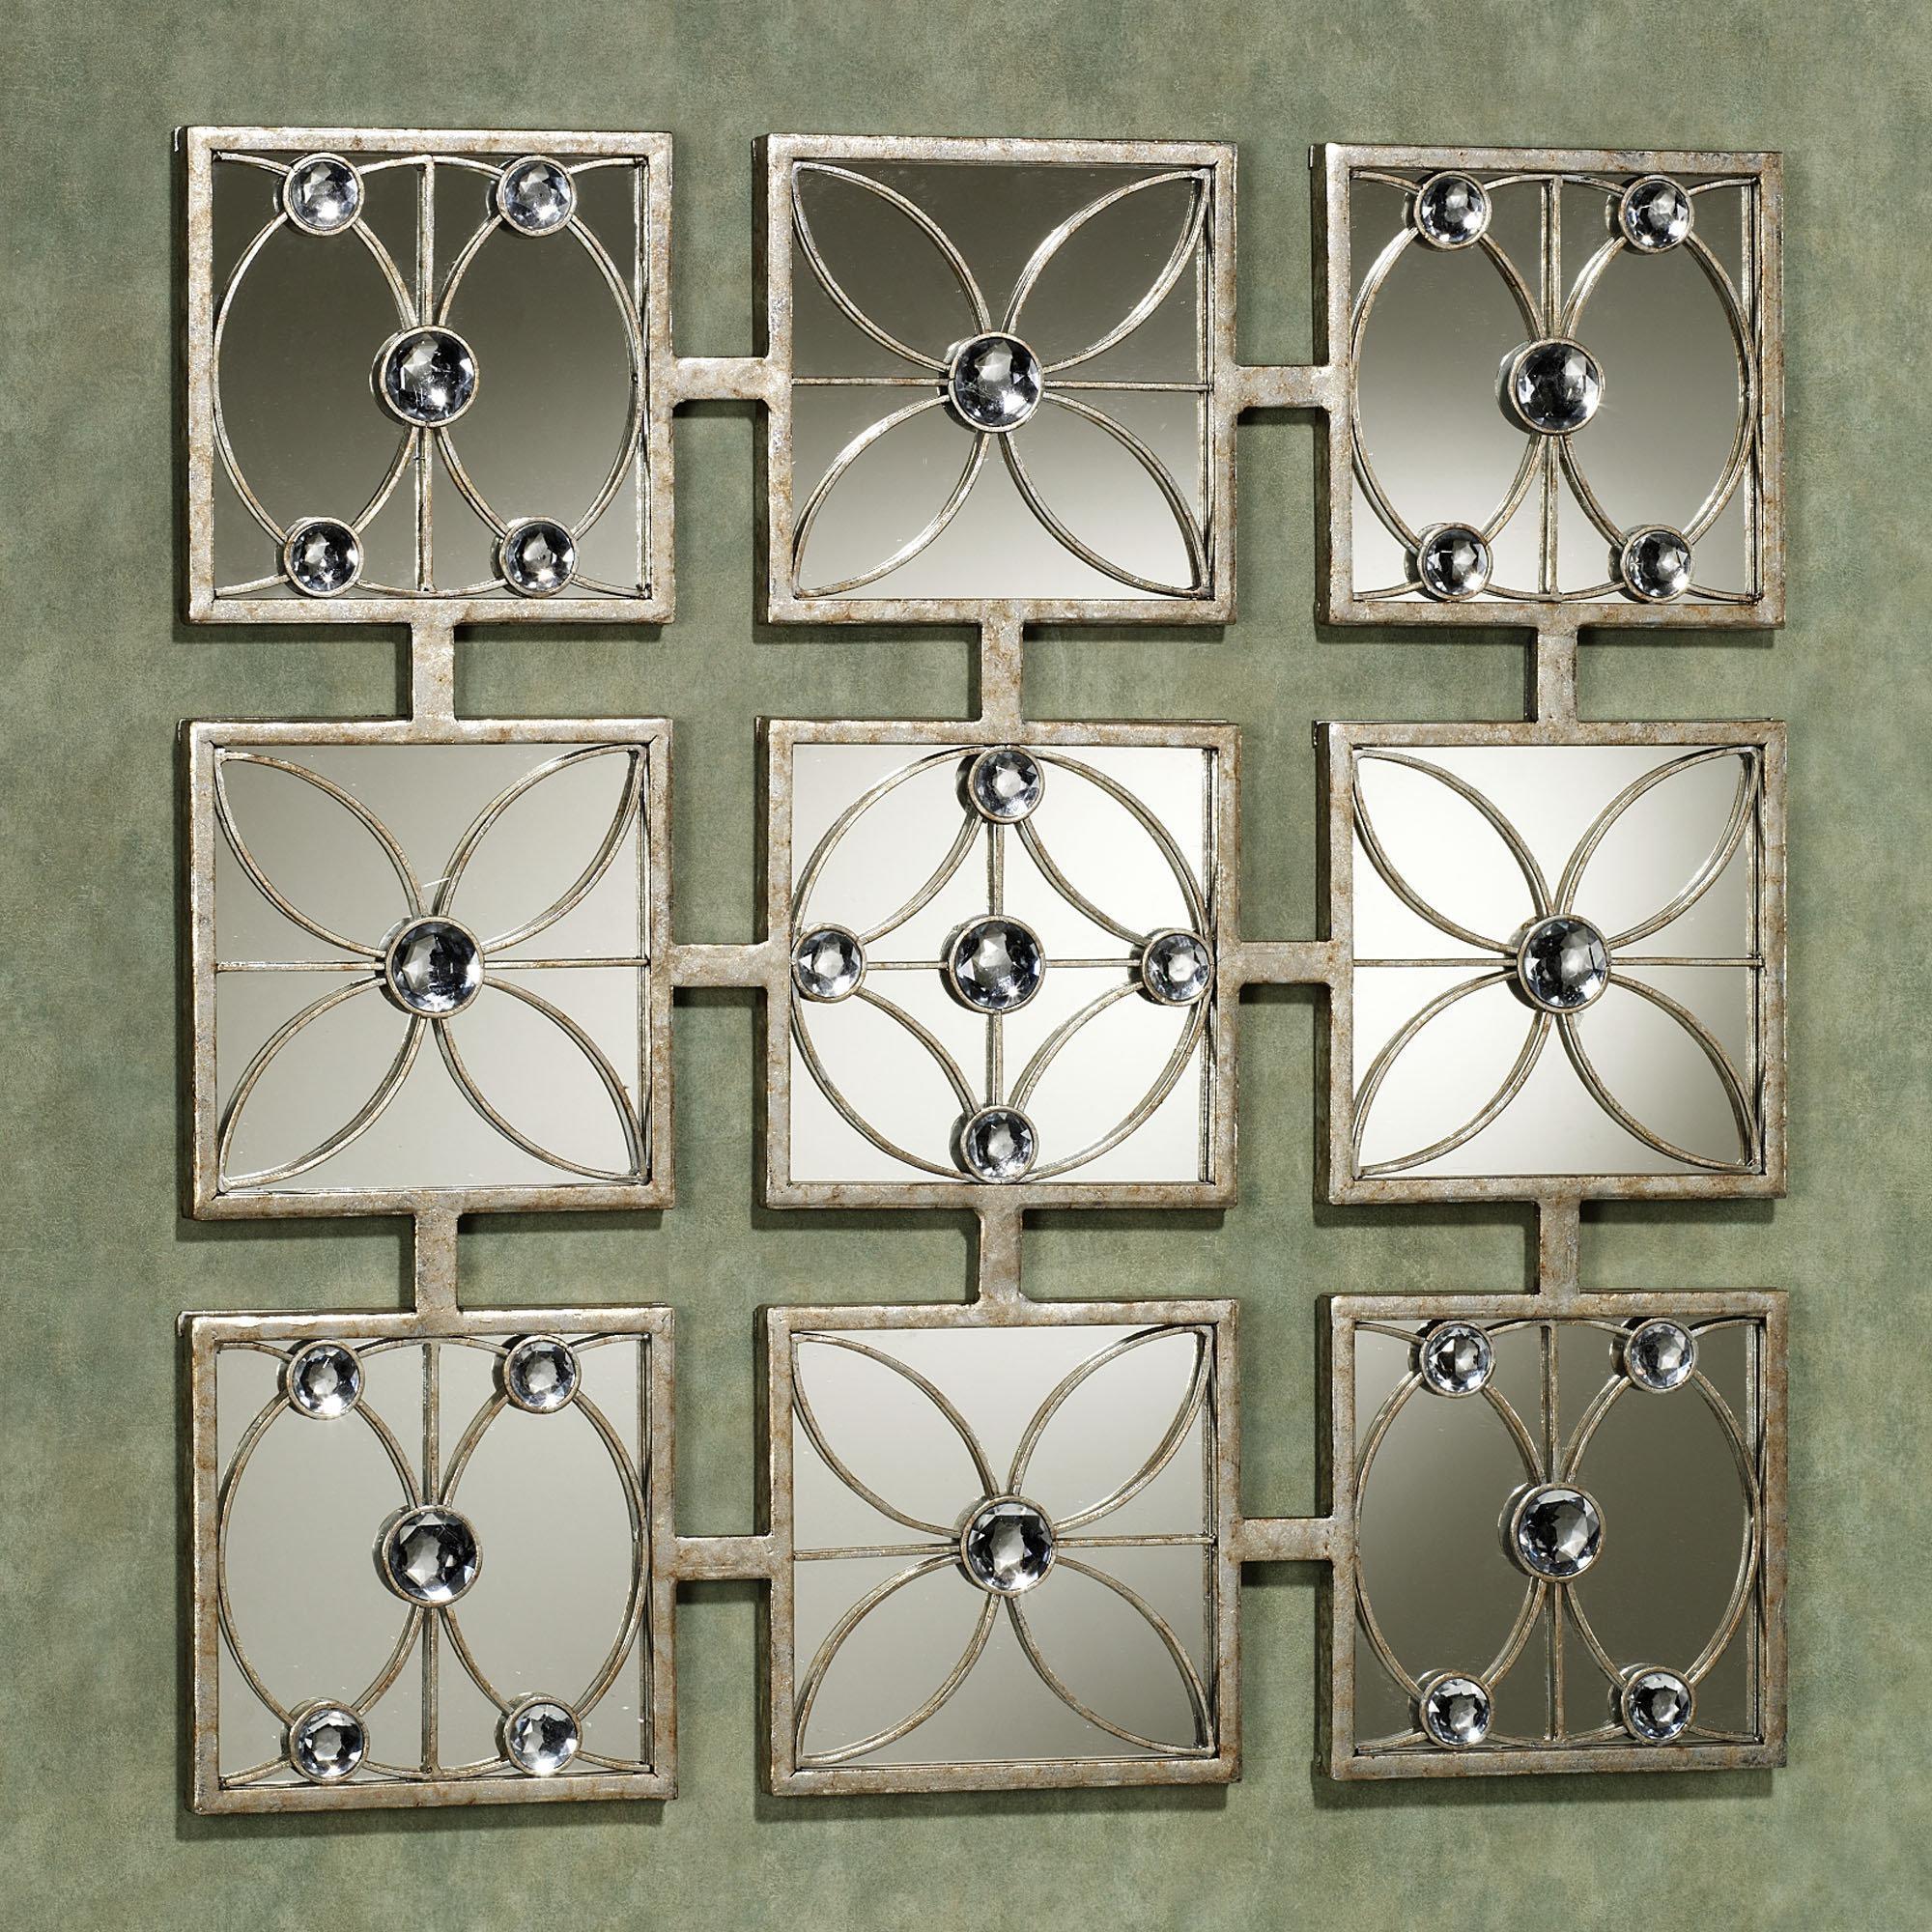 Wall Art Decor: Best Home Mirrored Wall Art Design Ideas Inside Modern Mirrored Wall Art (Image 16 of 20)